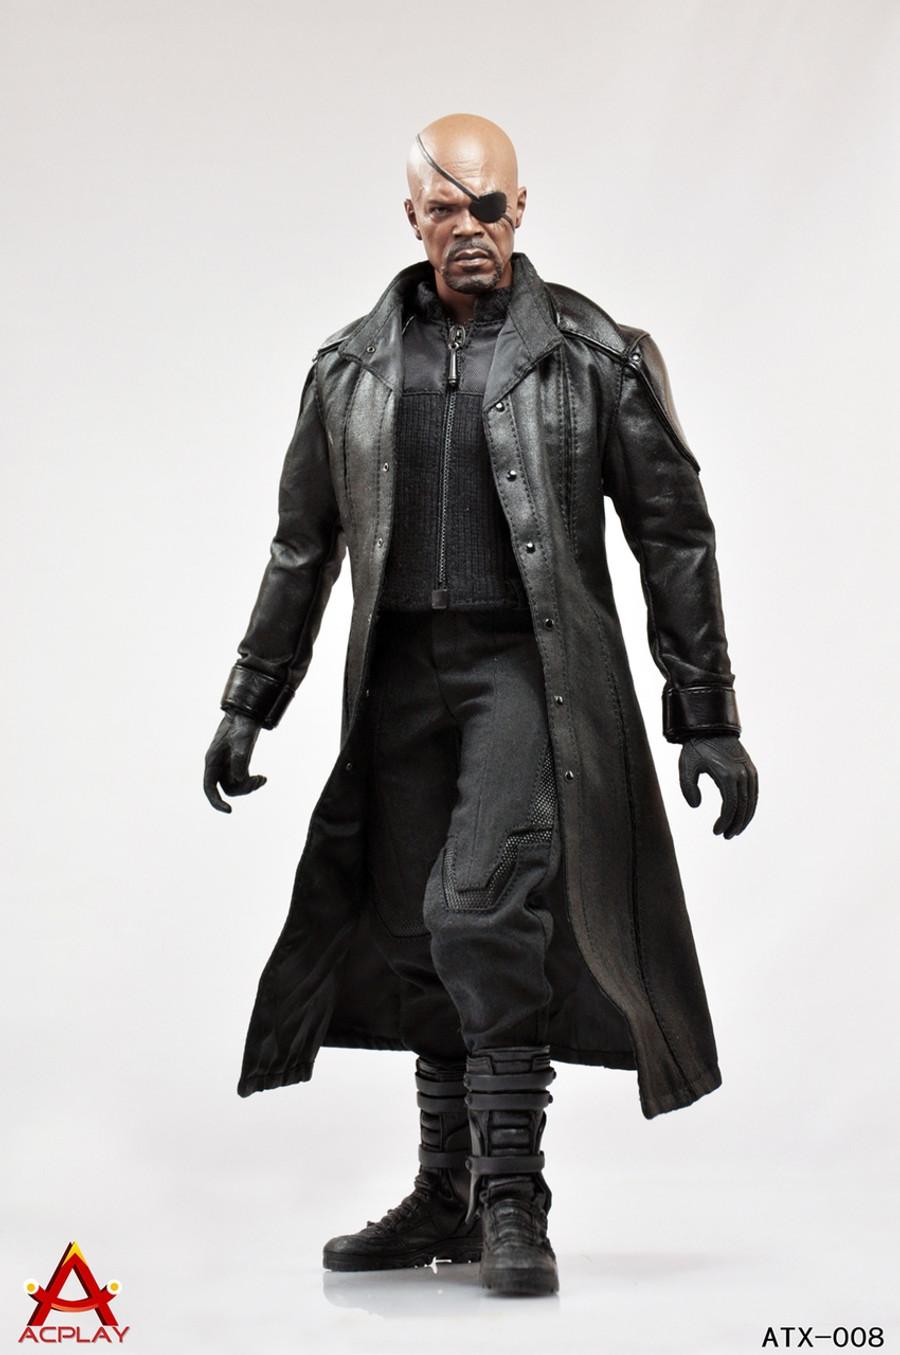 ACPLAY - Leather Coat Suit